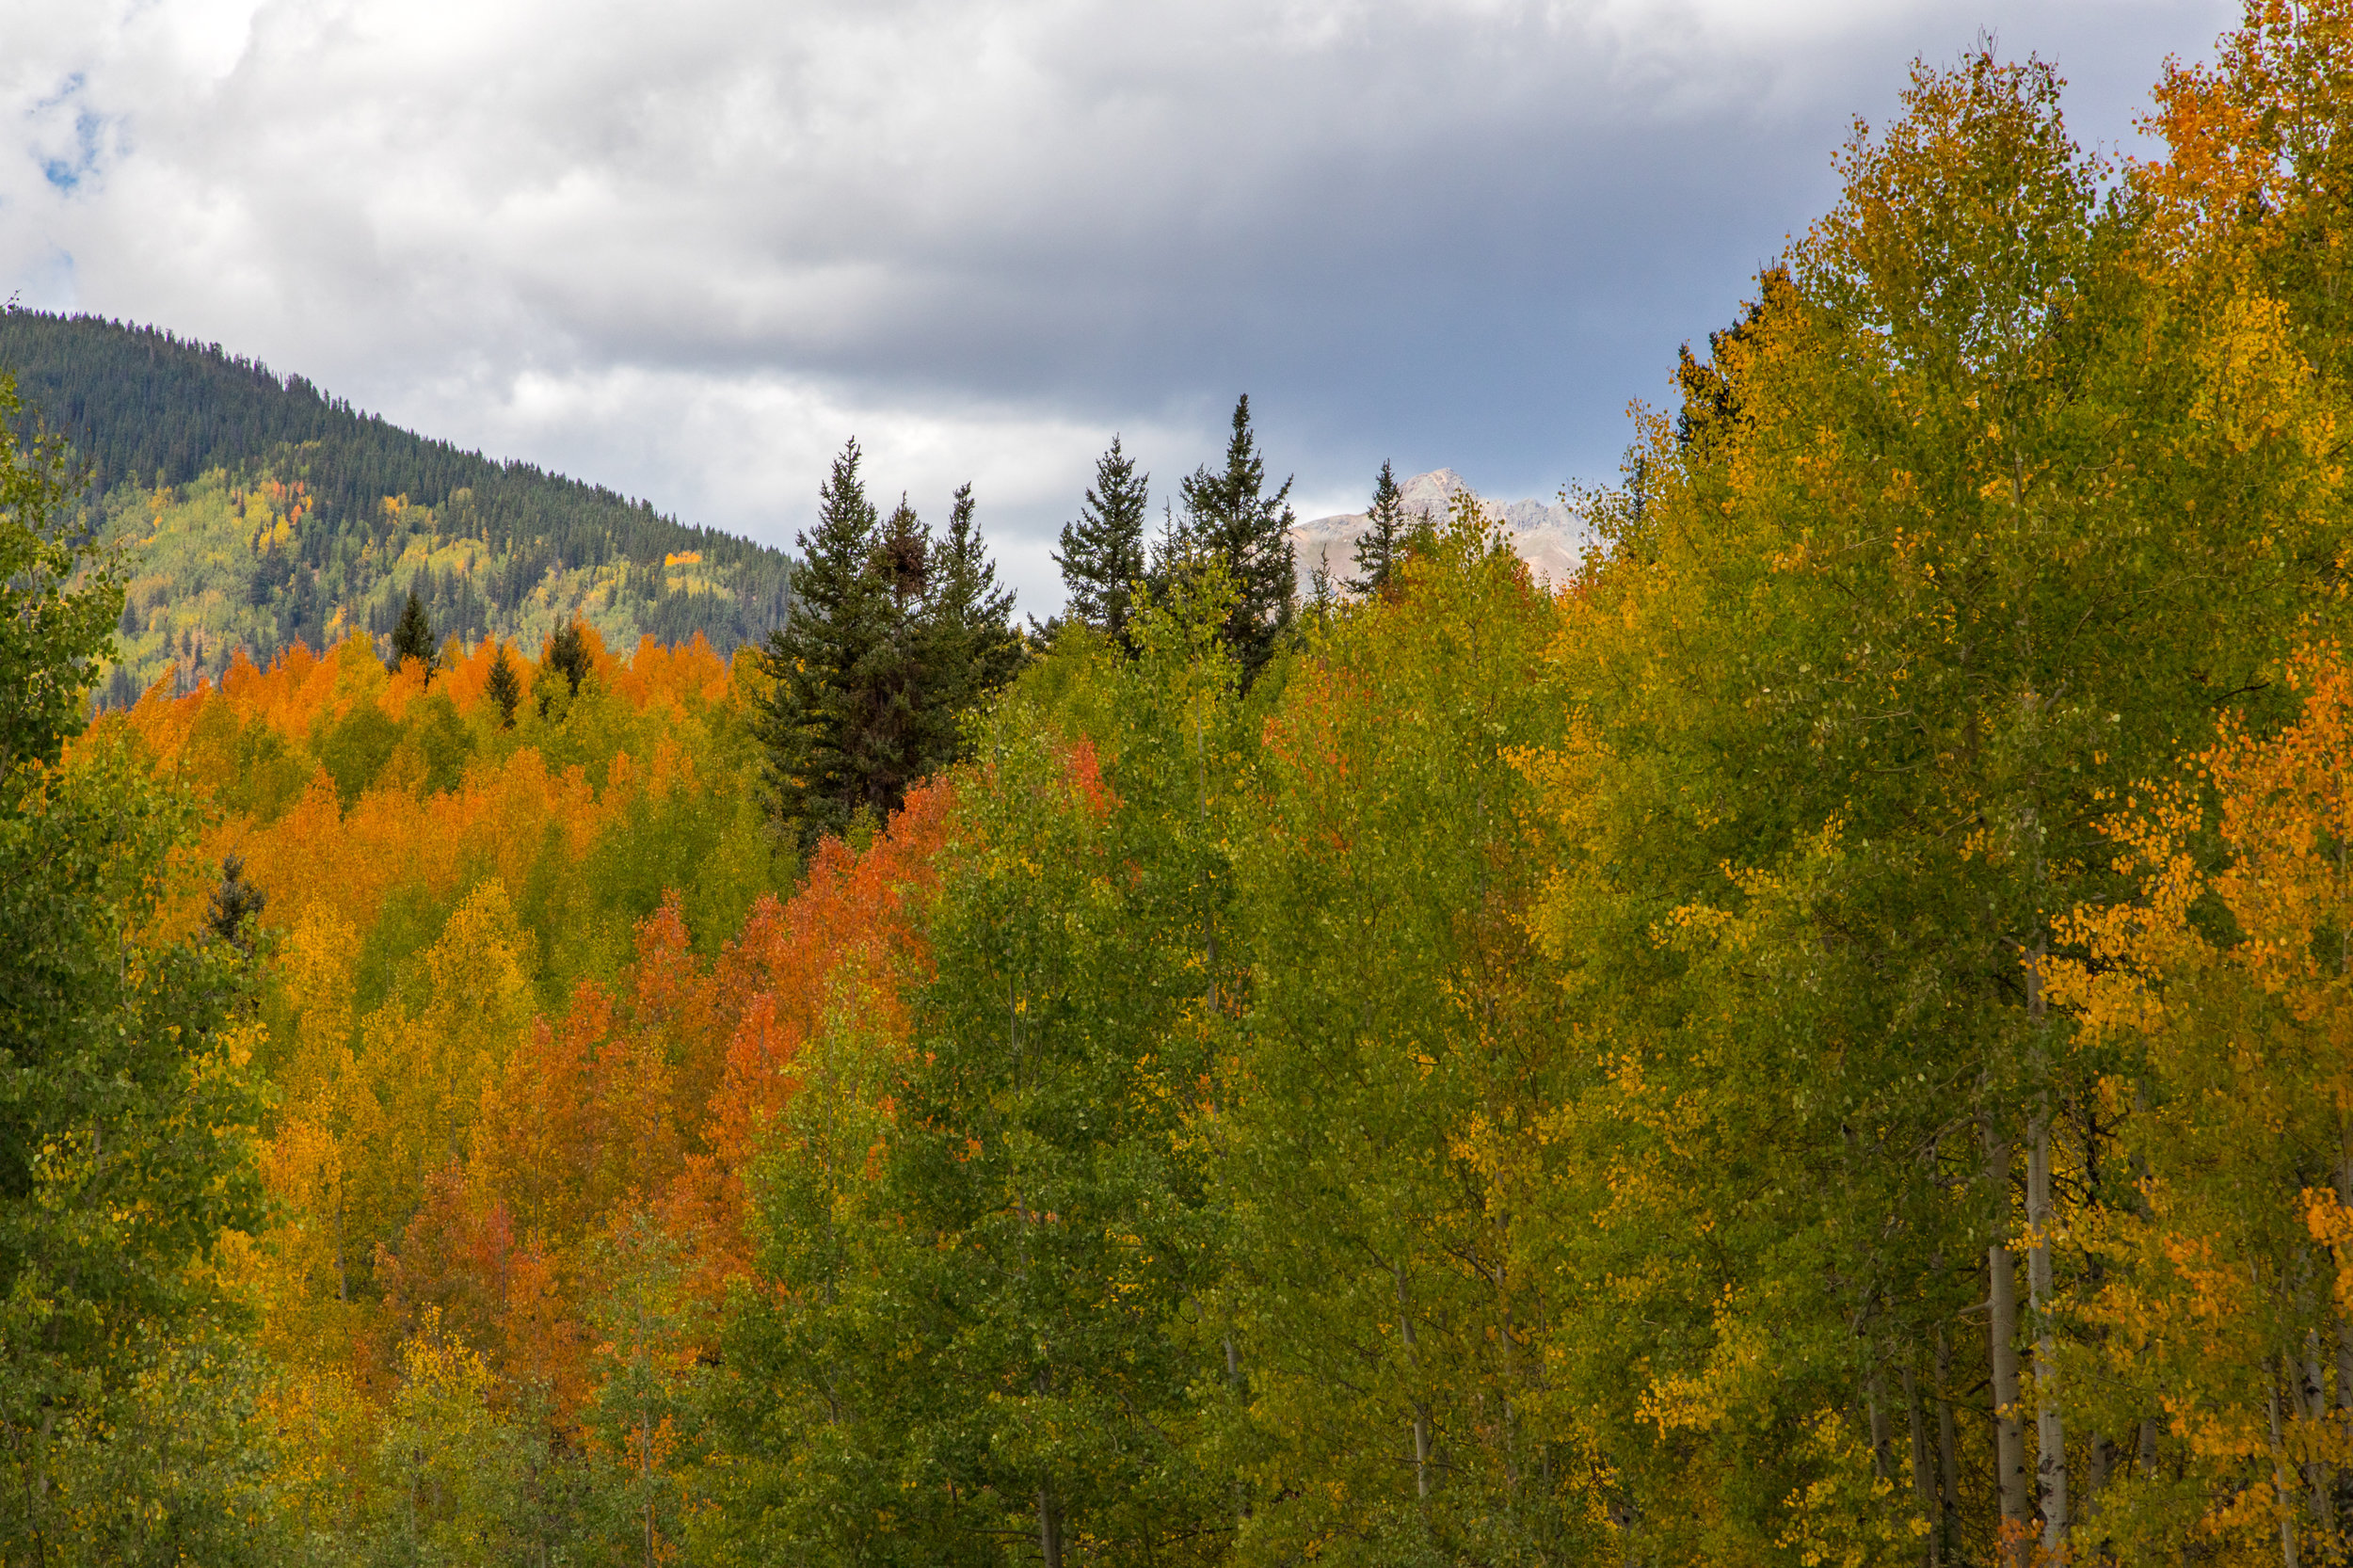 Silverton, Colorado, Image # 9950